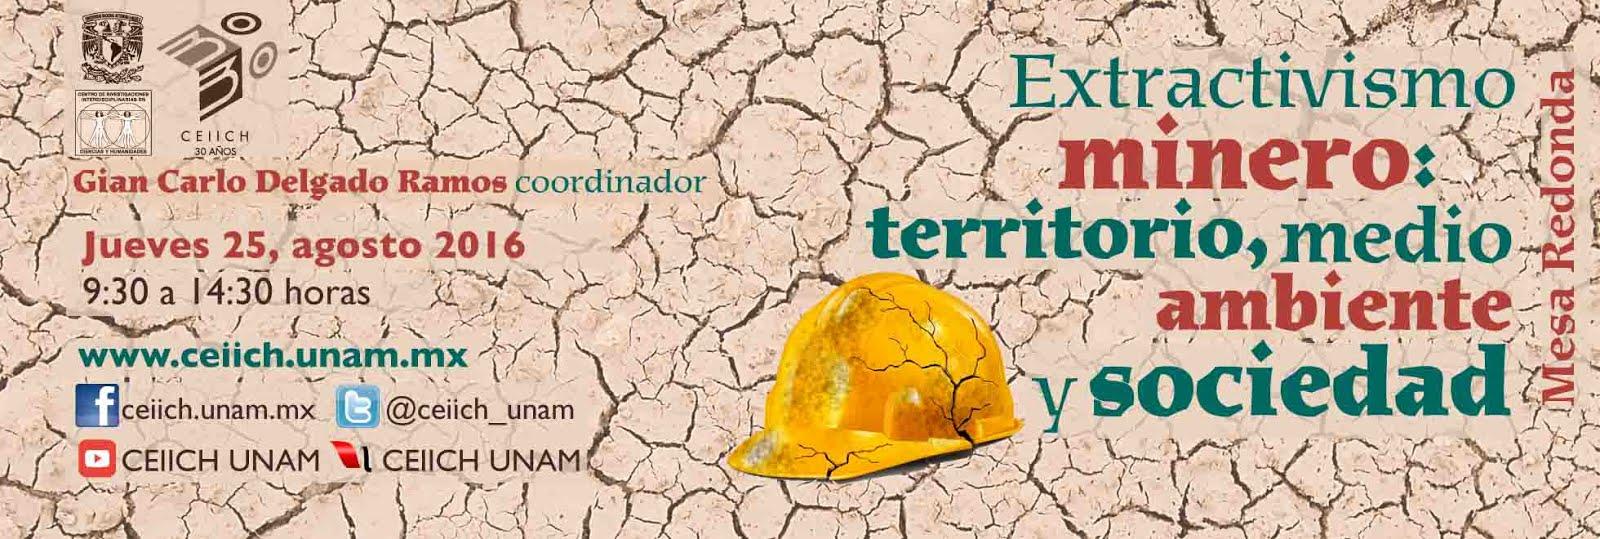 Extractivismo minero: territorio, medio ambiente y sociedad